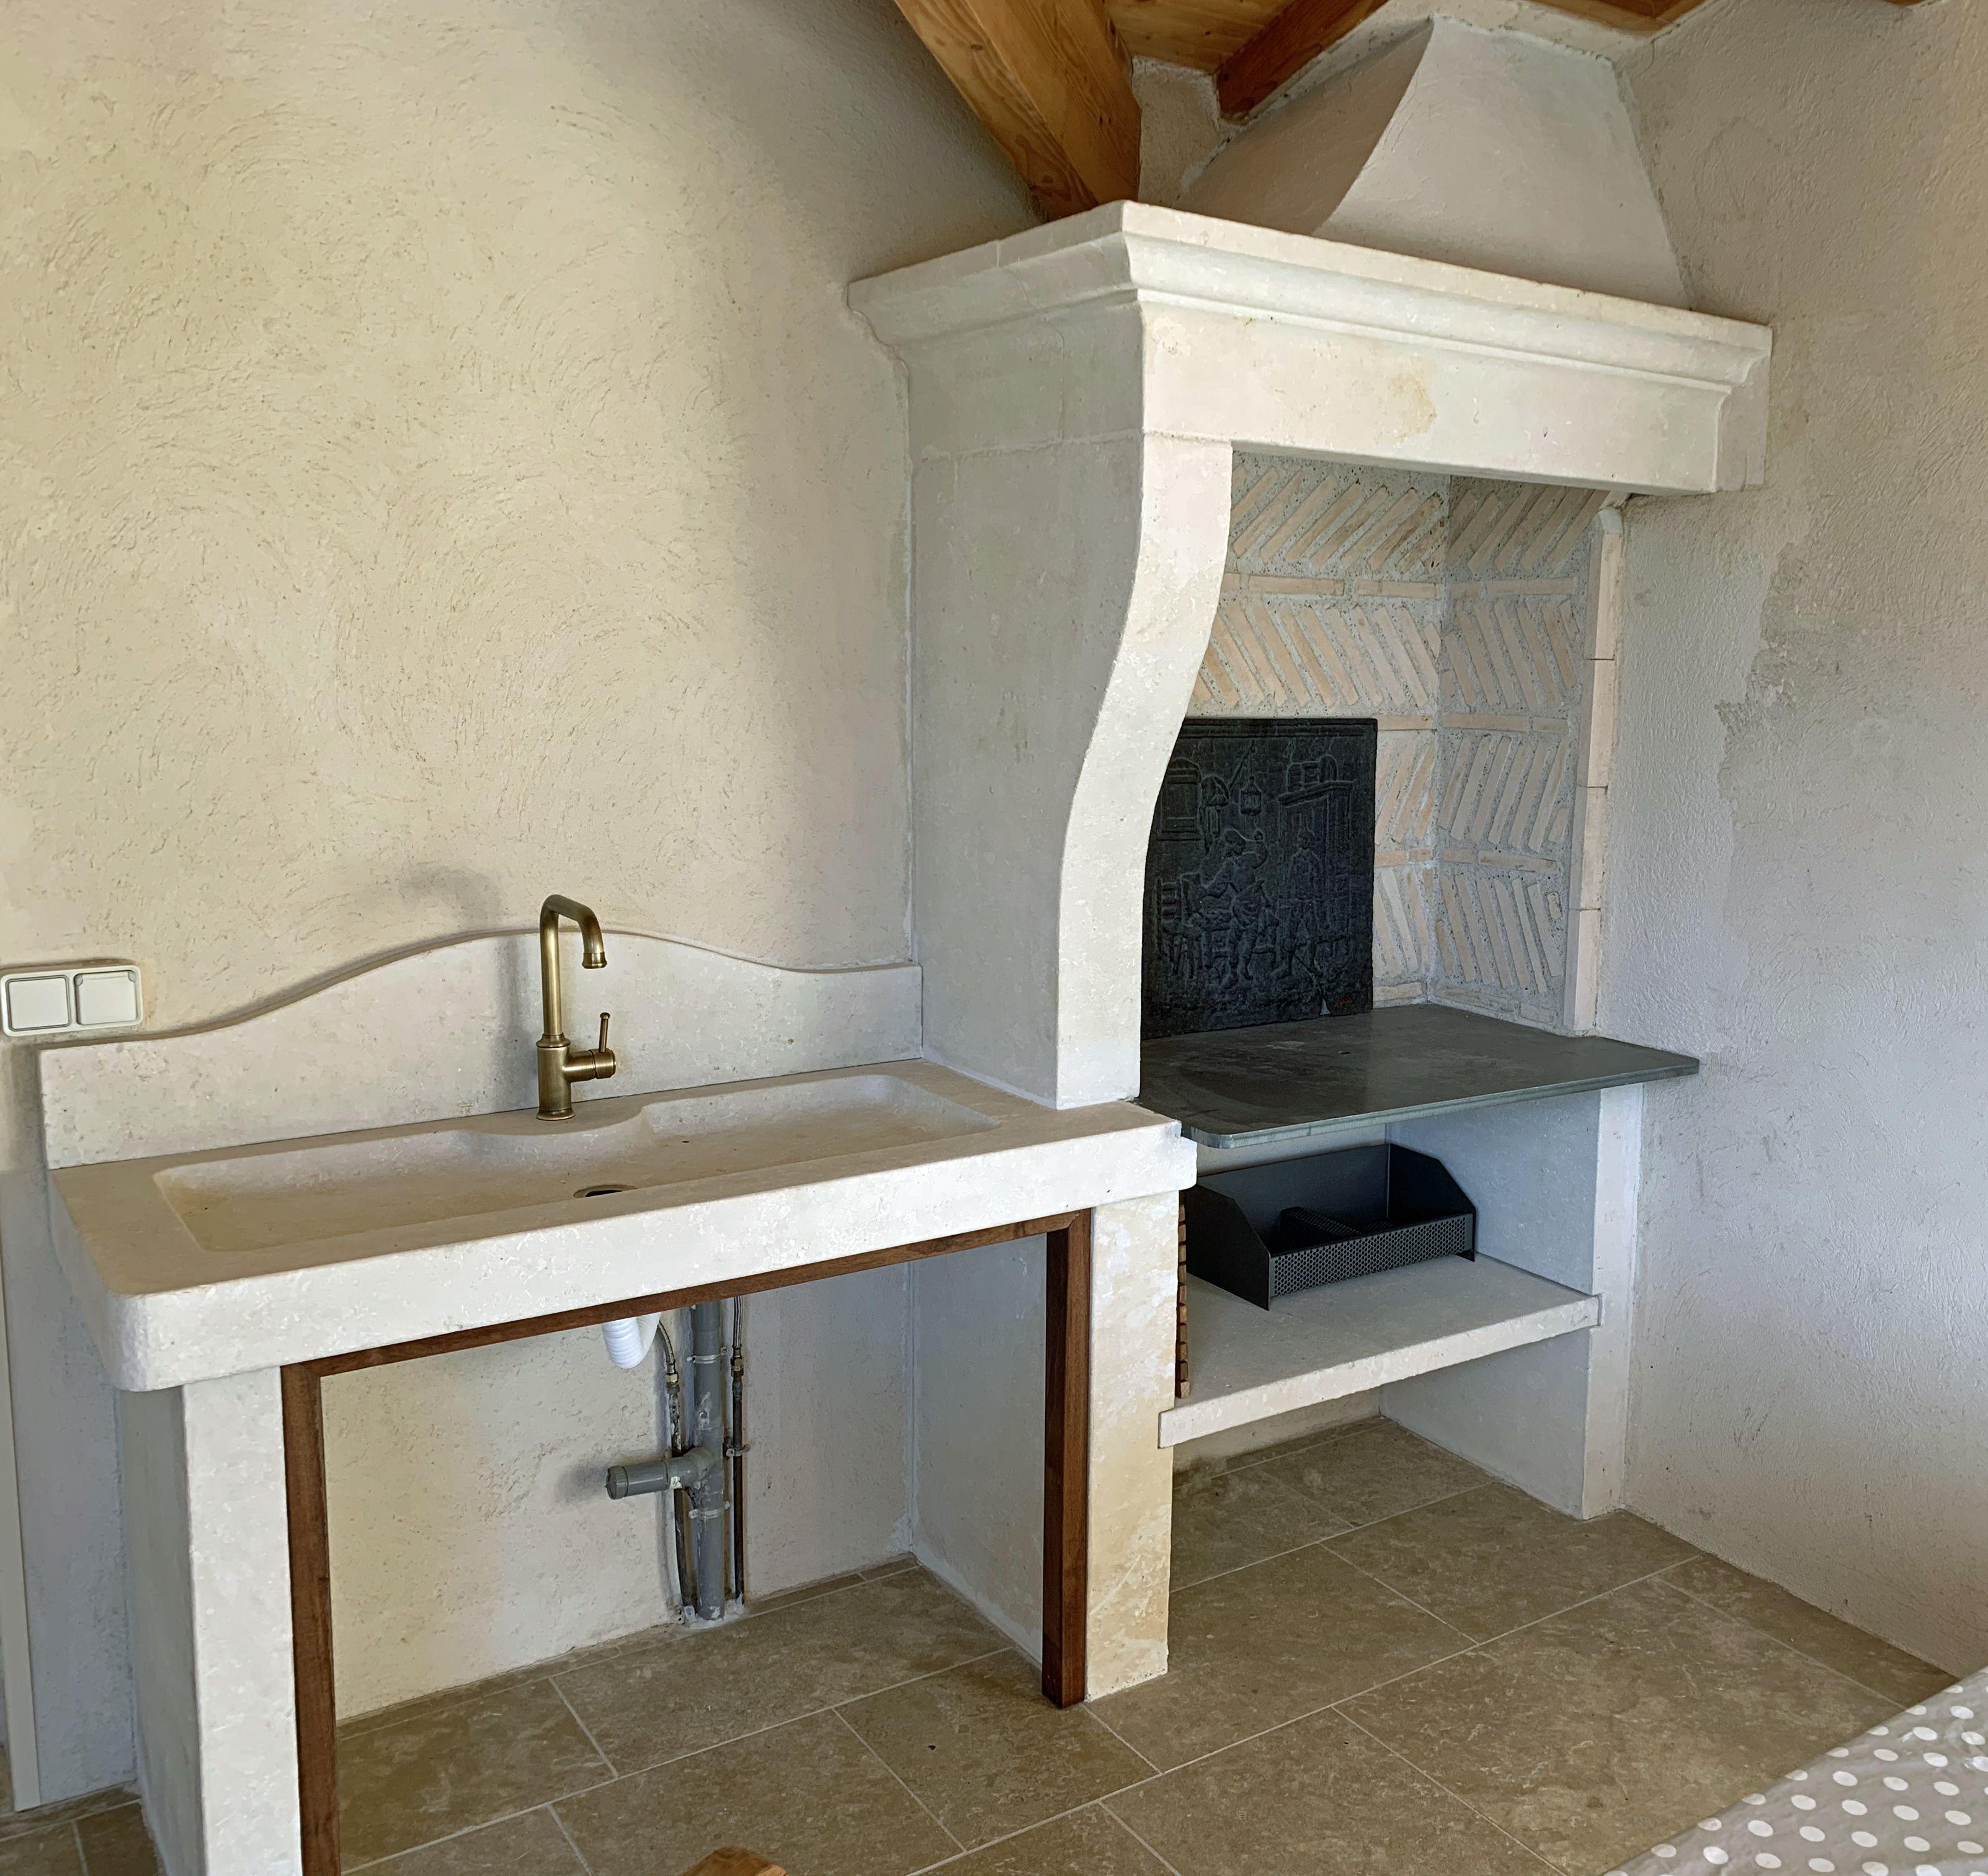 Cuisine Exterieure En Pierre cette large cuisine d'été en pierre a été confectionnée